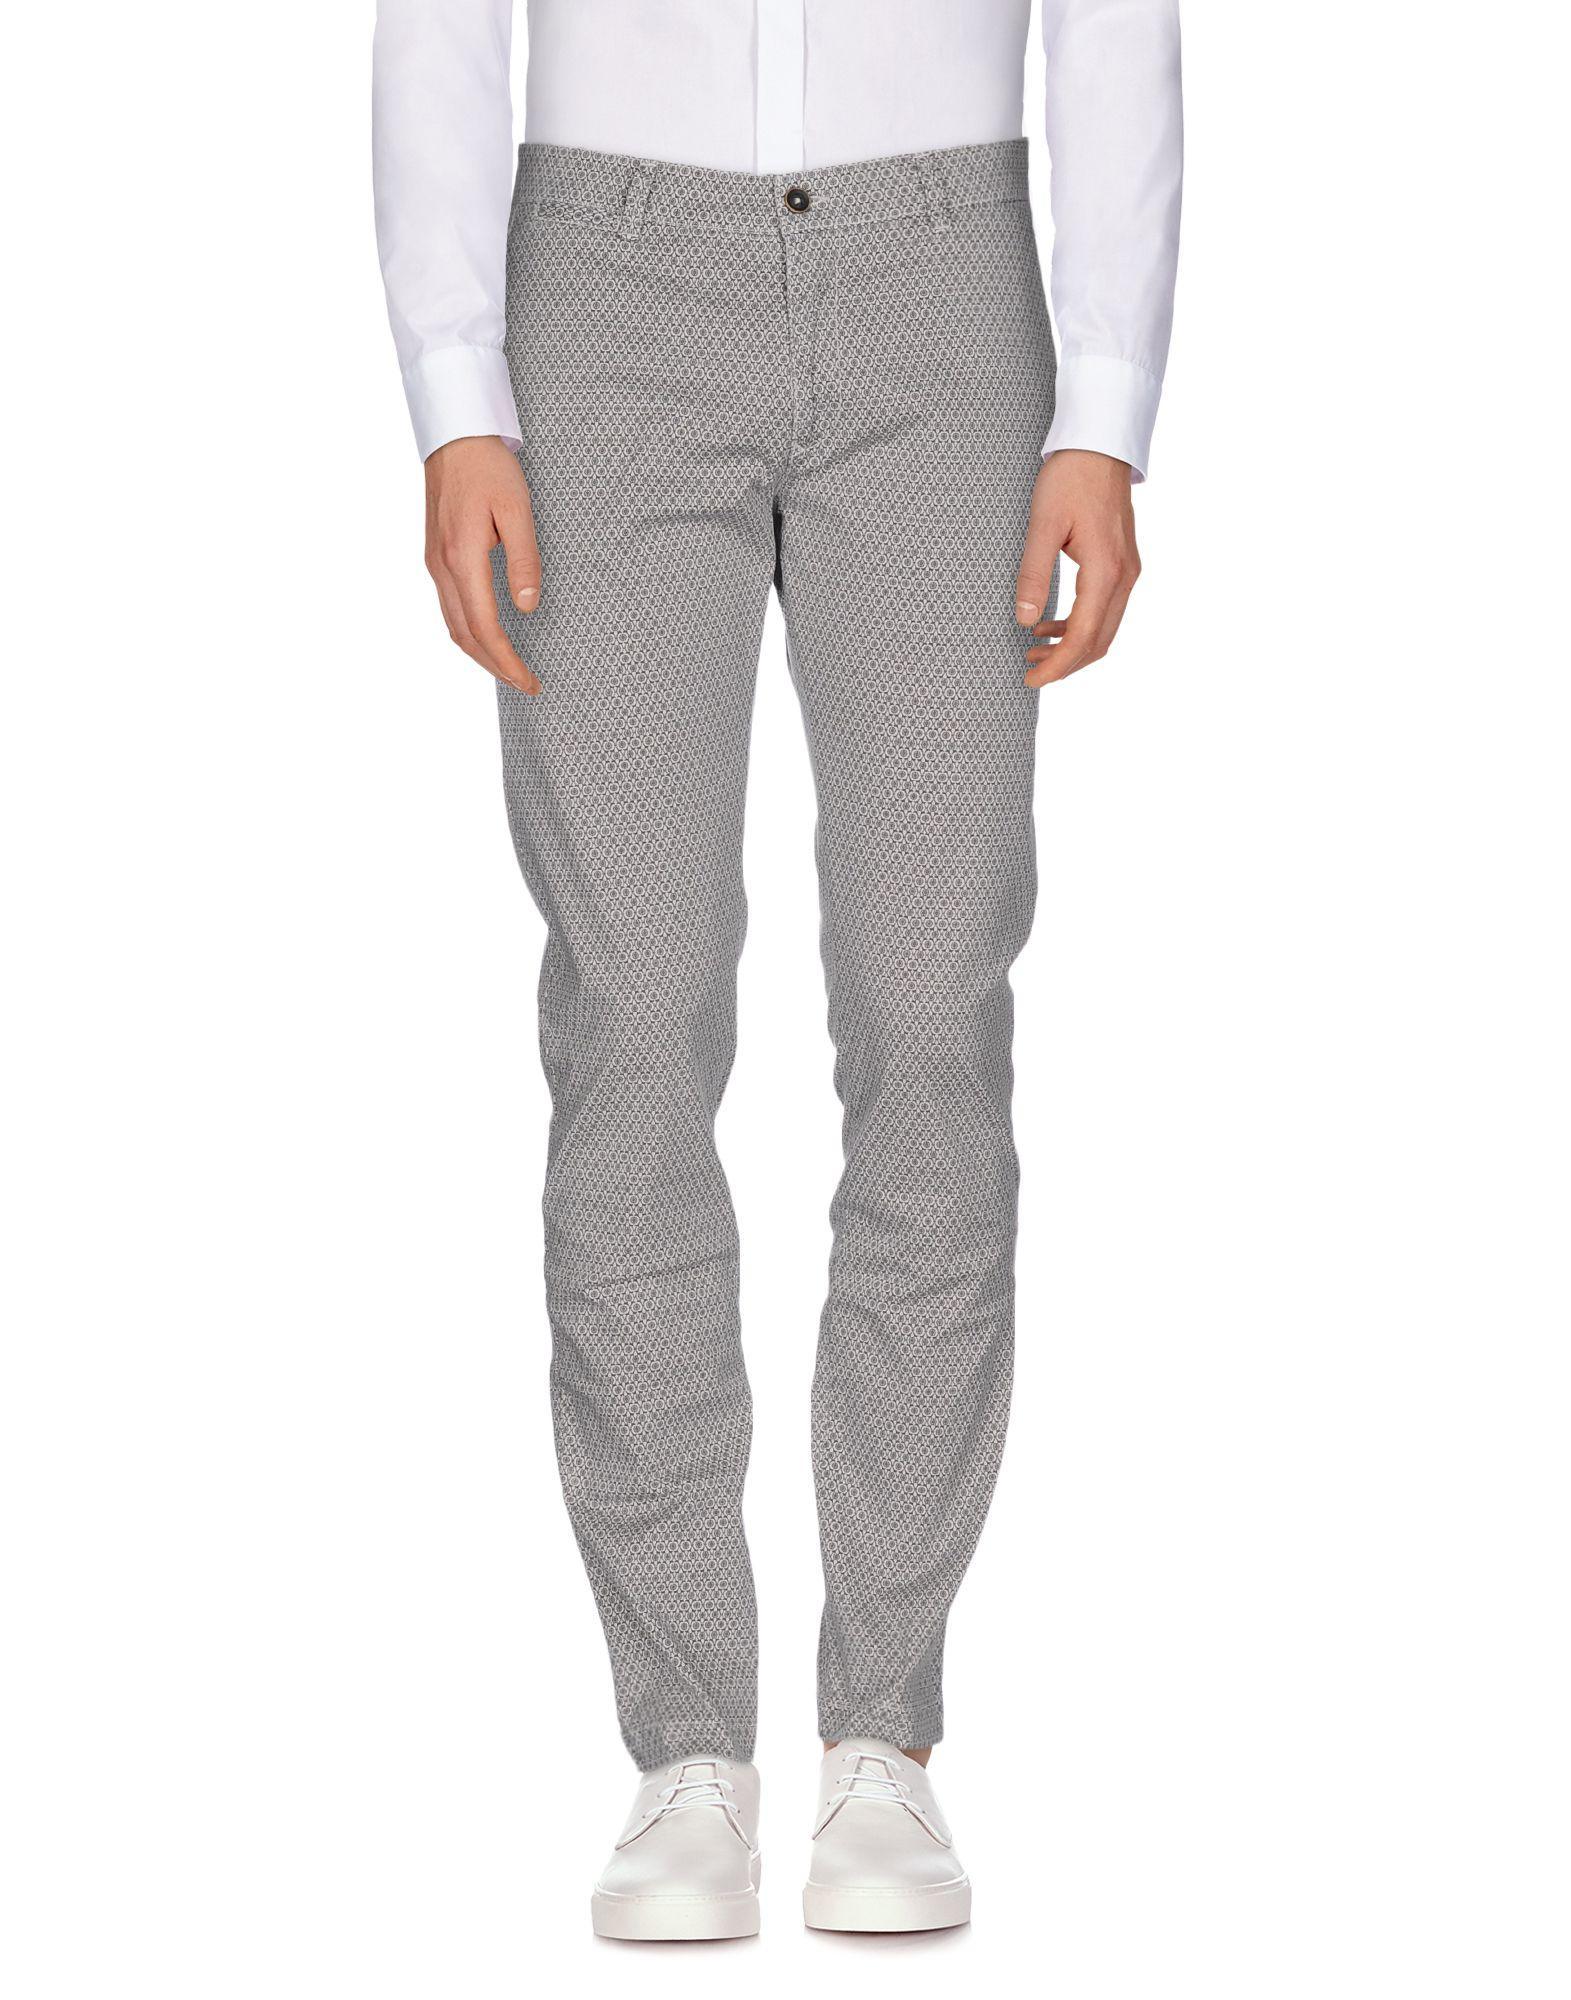 Jeordie's 5-pocket In Grey